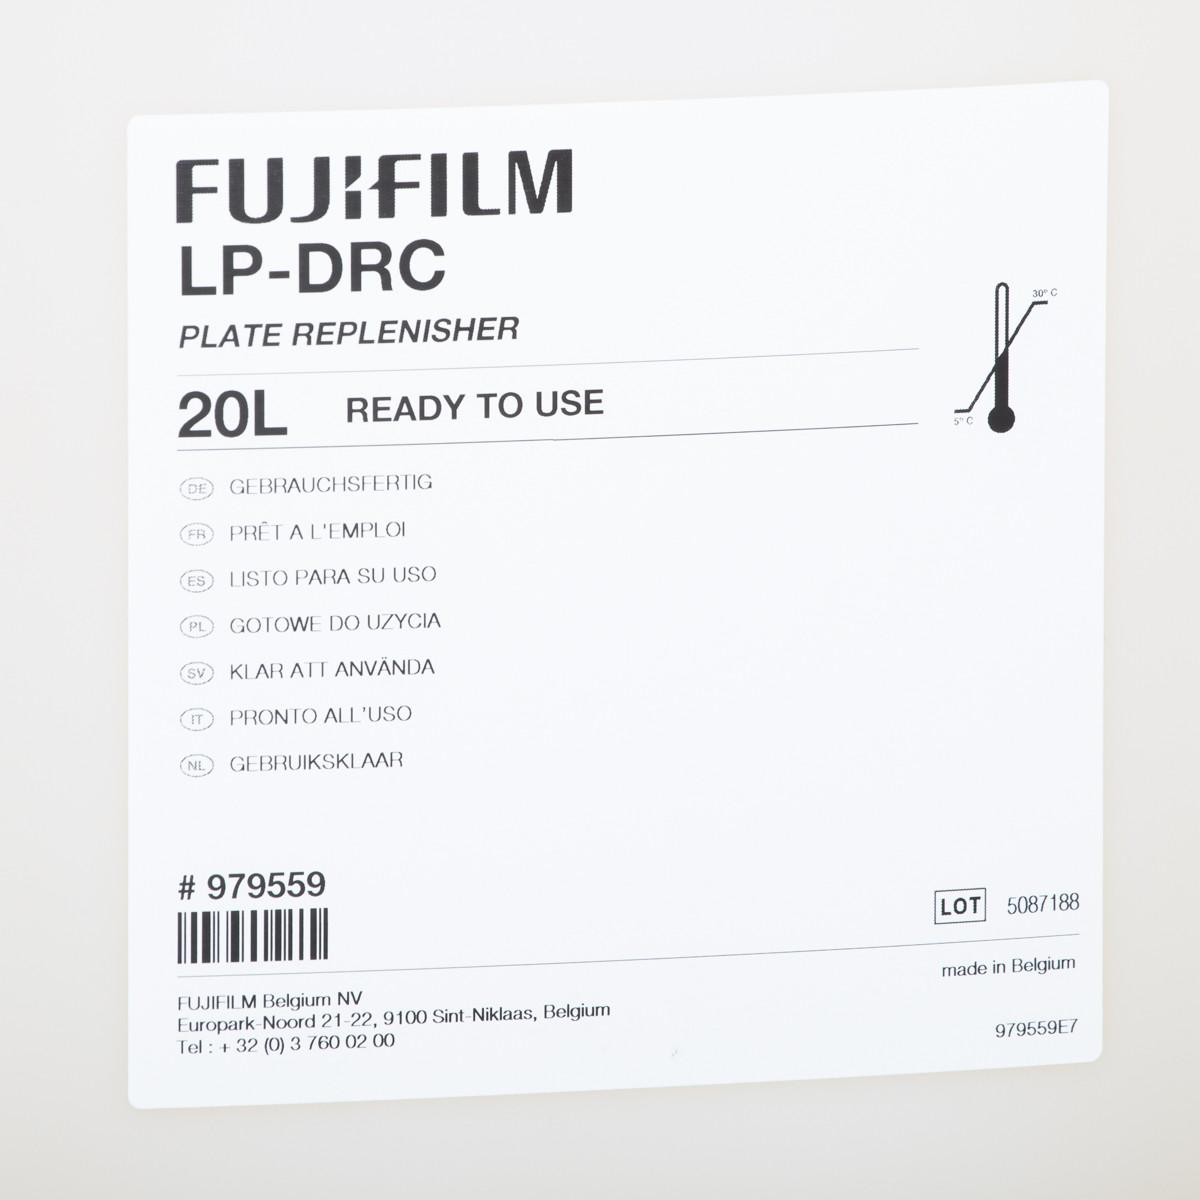 FUJI LP-DRC DEV&REP RTU 20lit